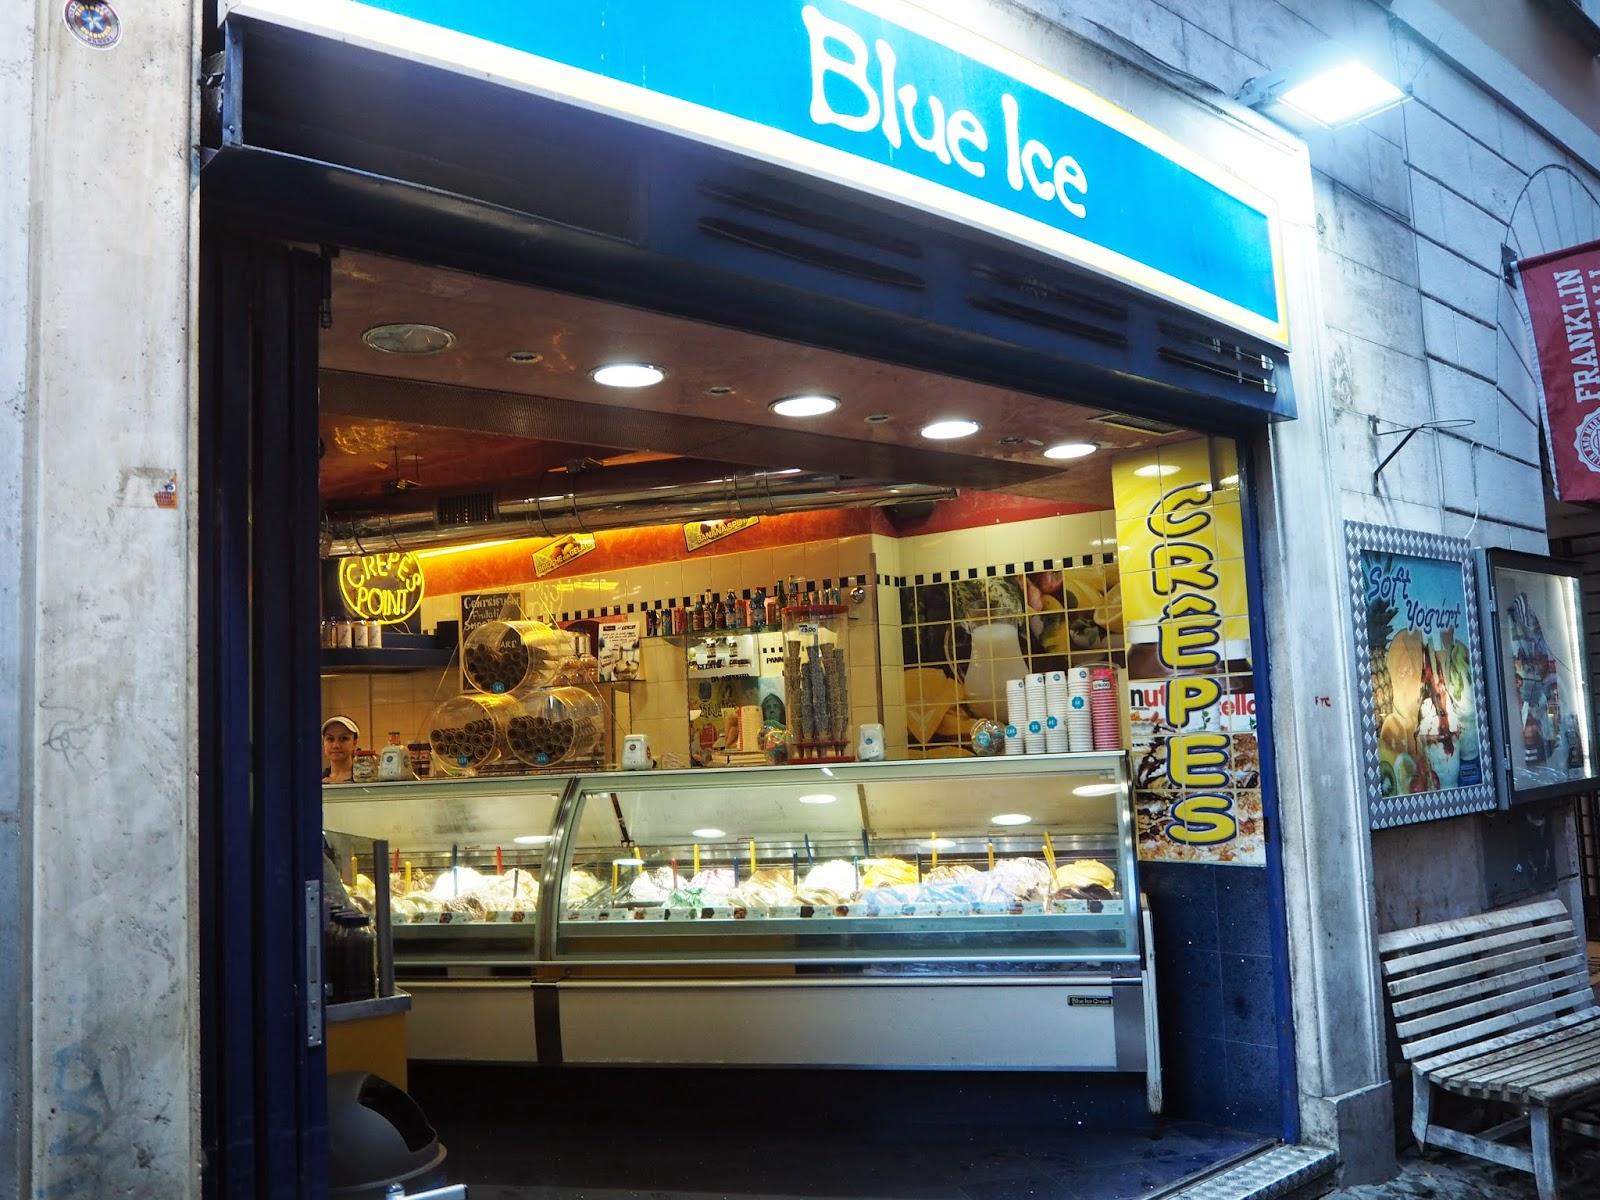 blue ice, gelateria, ice cream, ice cream shop, jäätelöbaari, rooma, roma, rome, italia, italy, matka, travel, jäätelö kioski, navona, piazza, campo de fiori, piazza navona, blue ice, pistaasi jäätelö pistacchio ice cream,